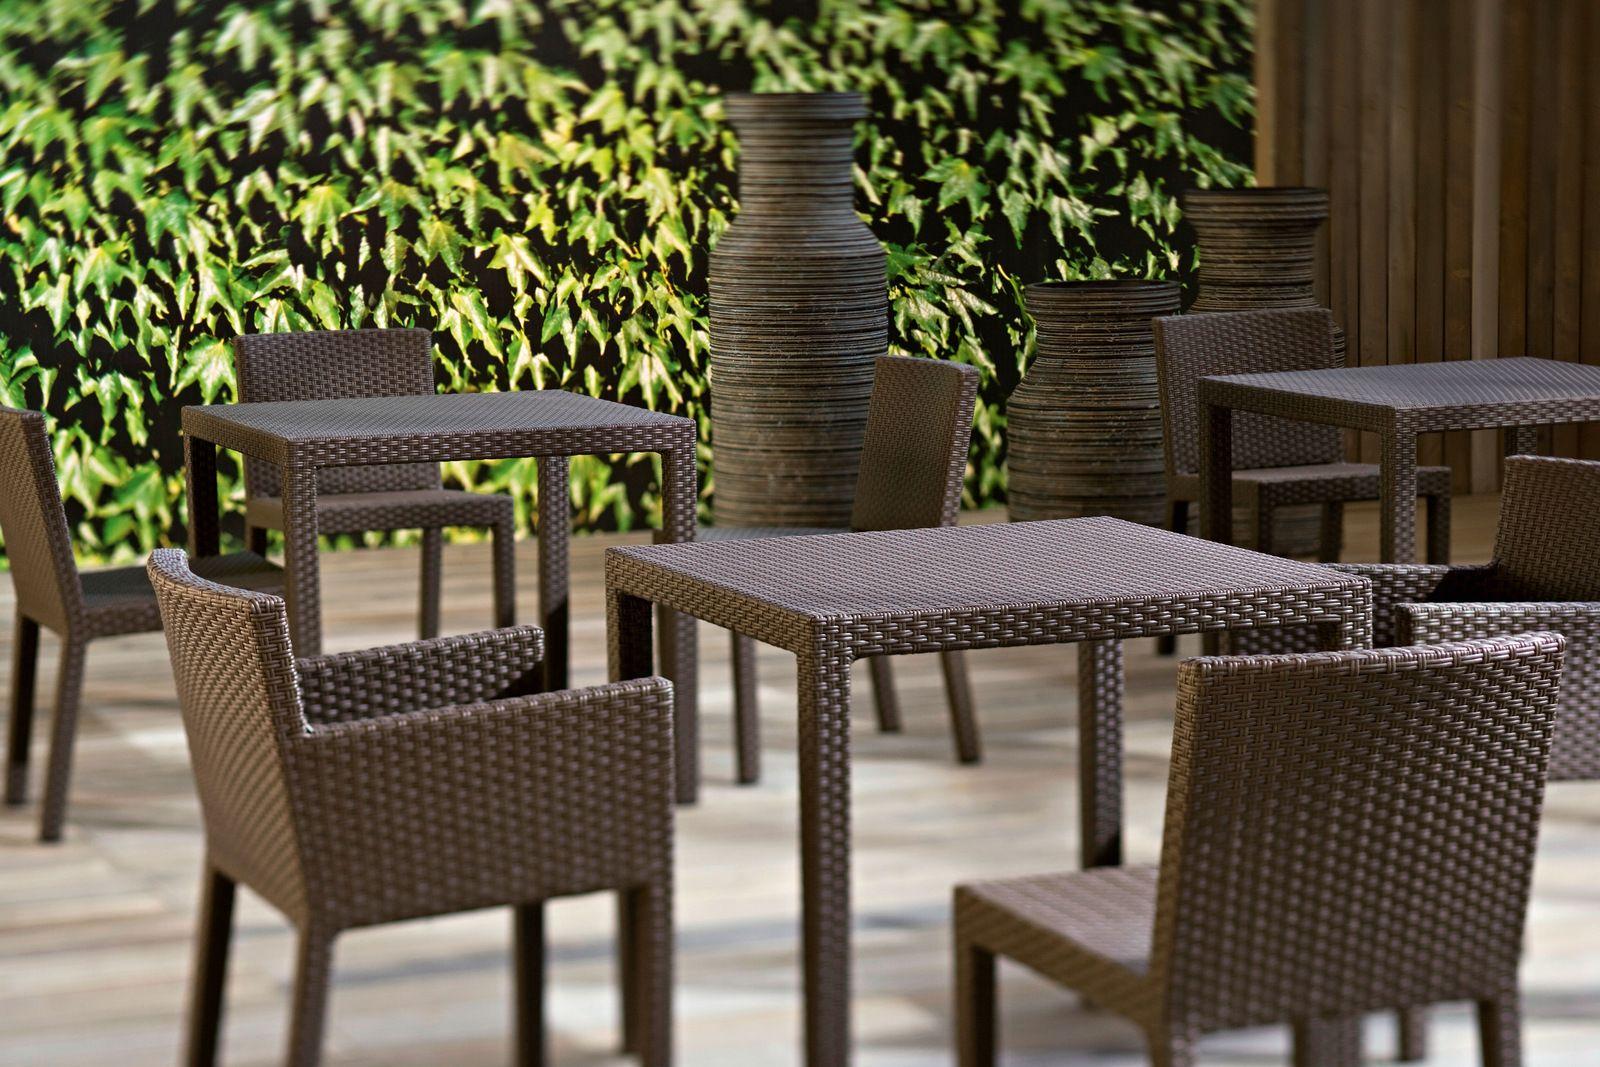 mesa jardim quadrada:Mesa quadrada para jardim INOUT 232 by Gervasoni design Paola Navone